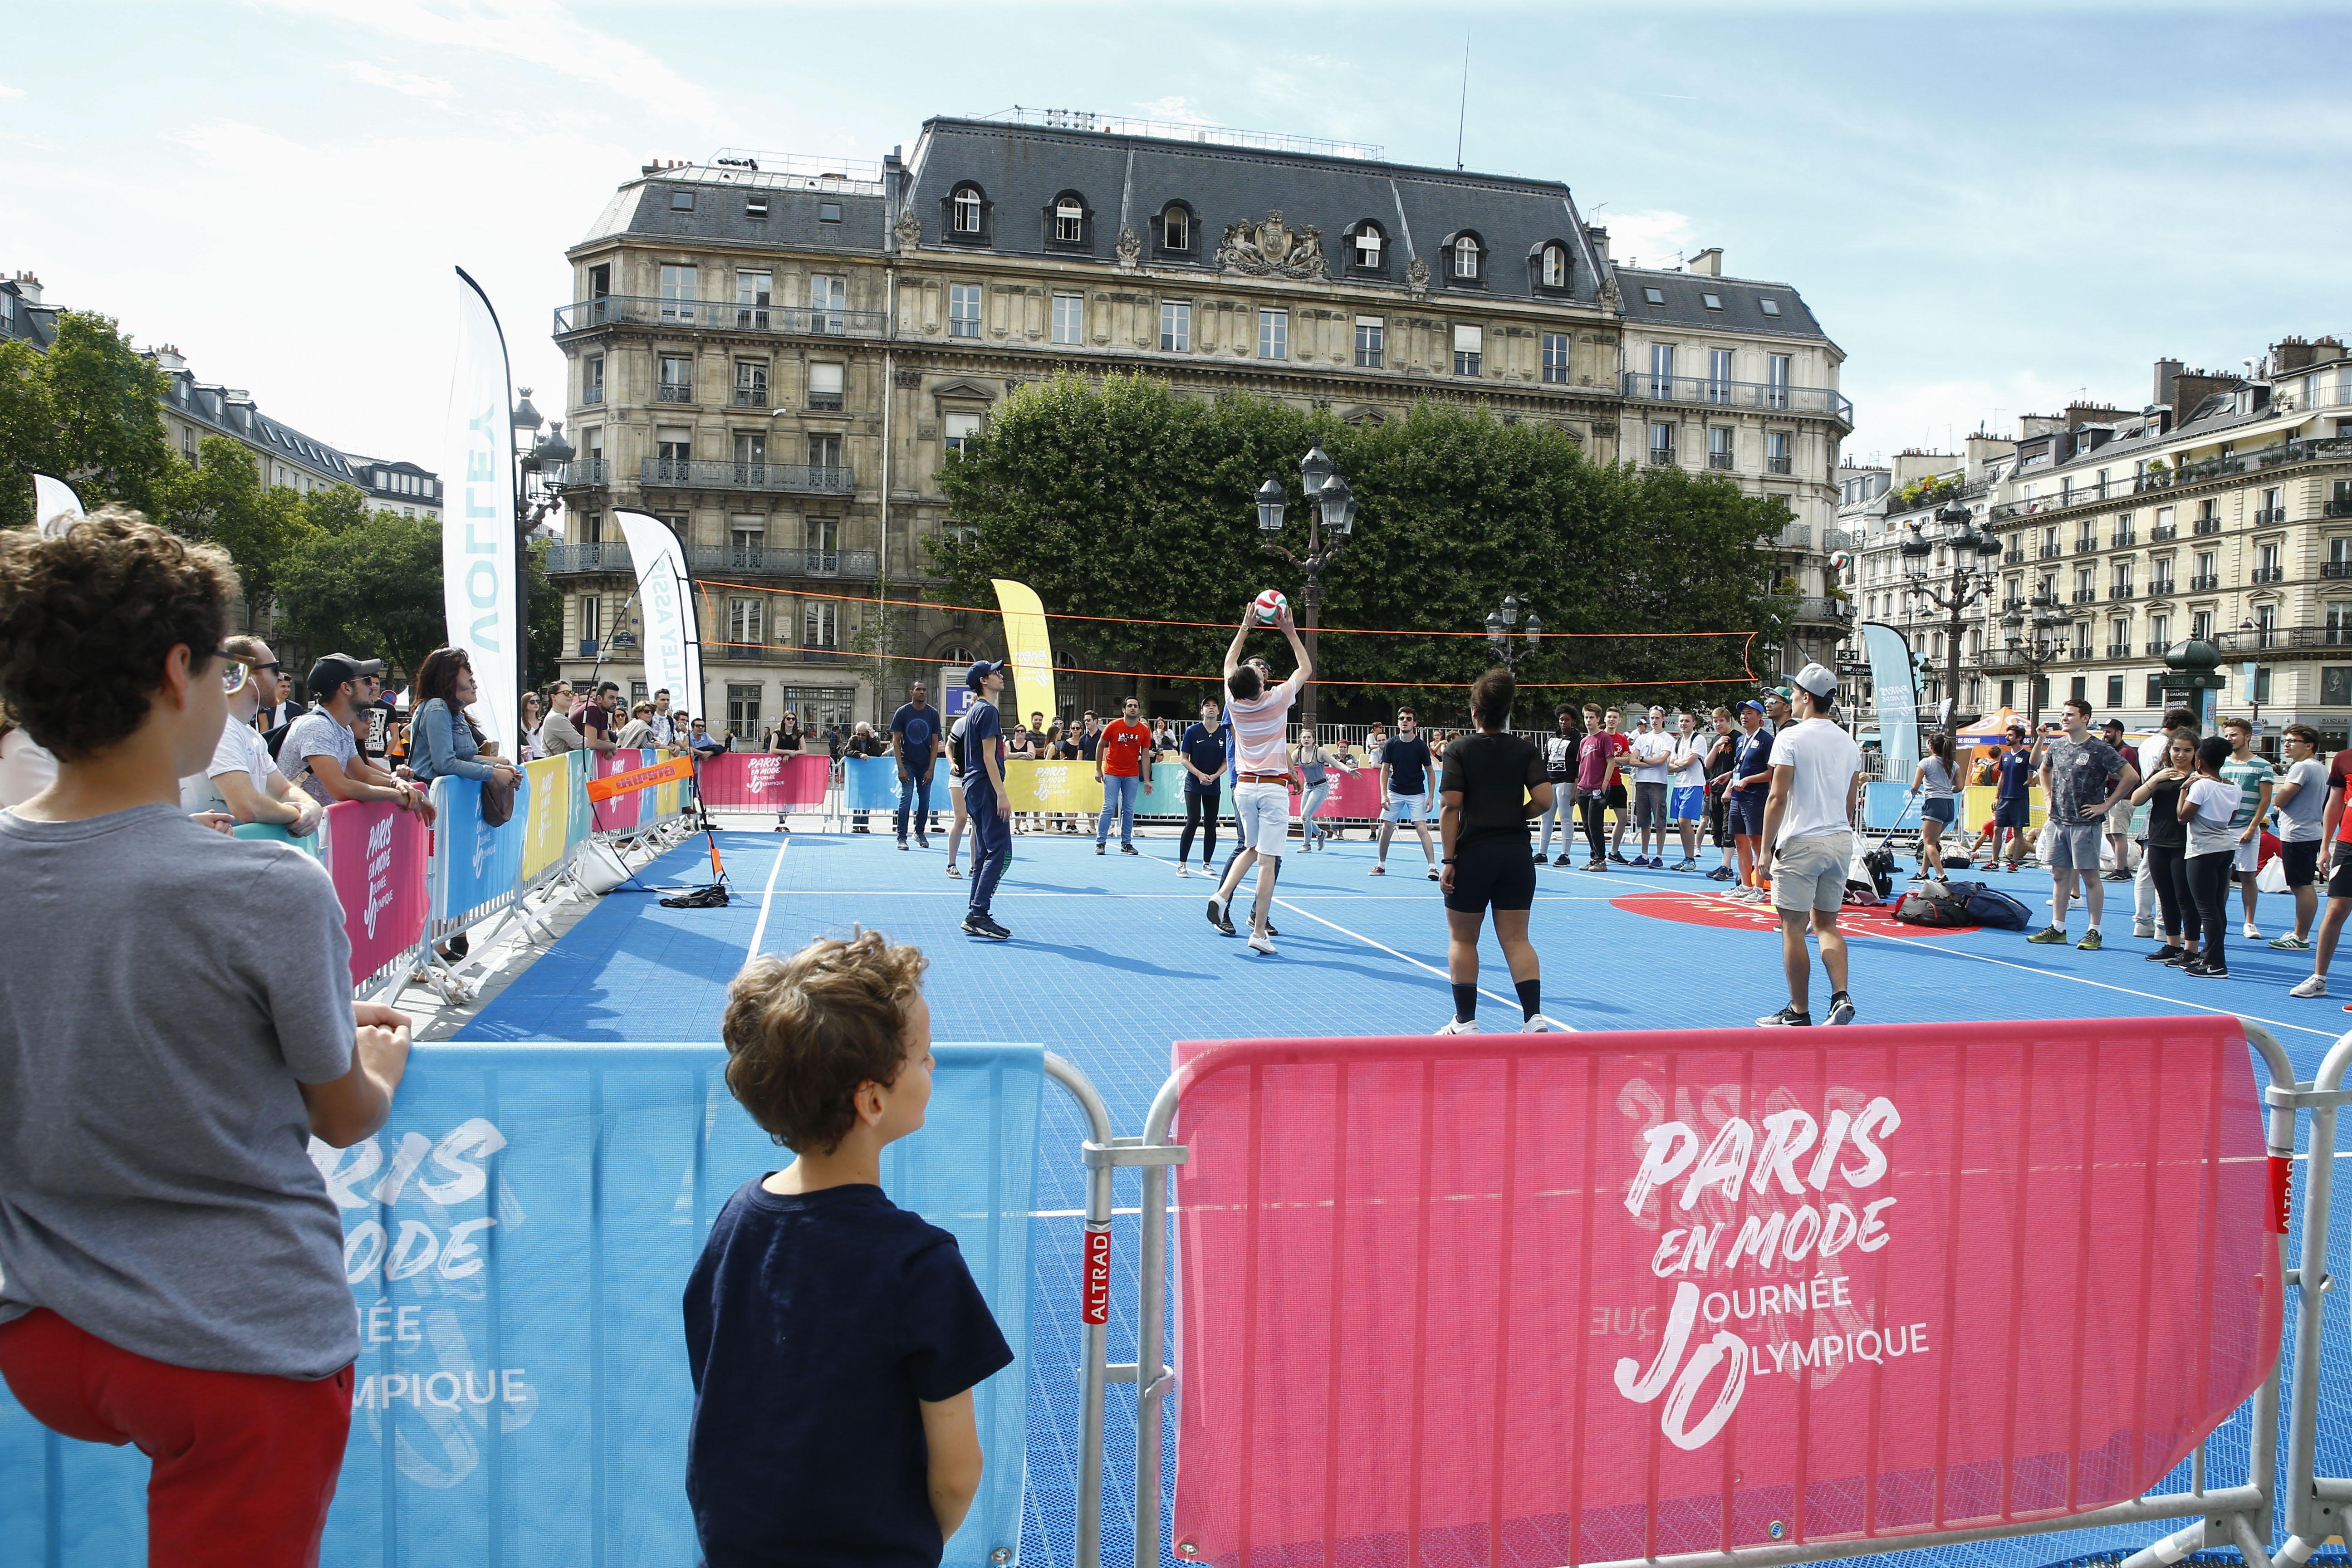 Jeux olympiques - JO 2024 - Paris fête l'Olympisme devant 450.000 spectateurs